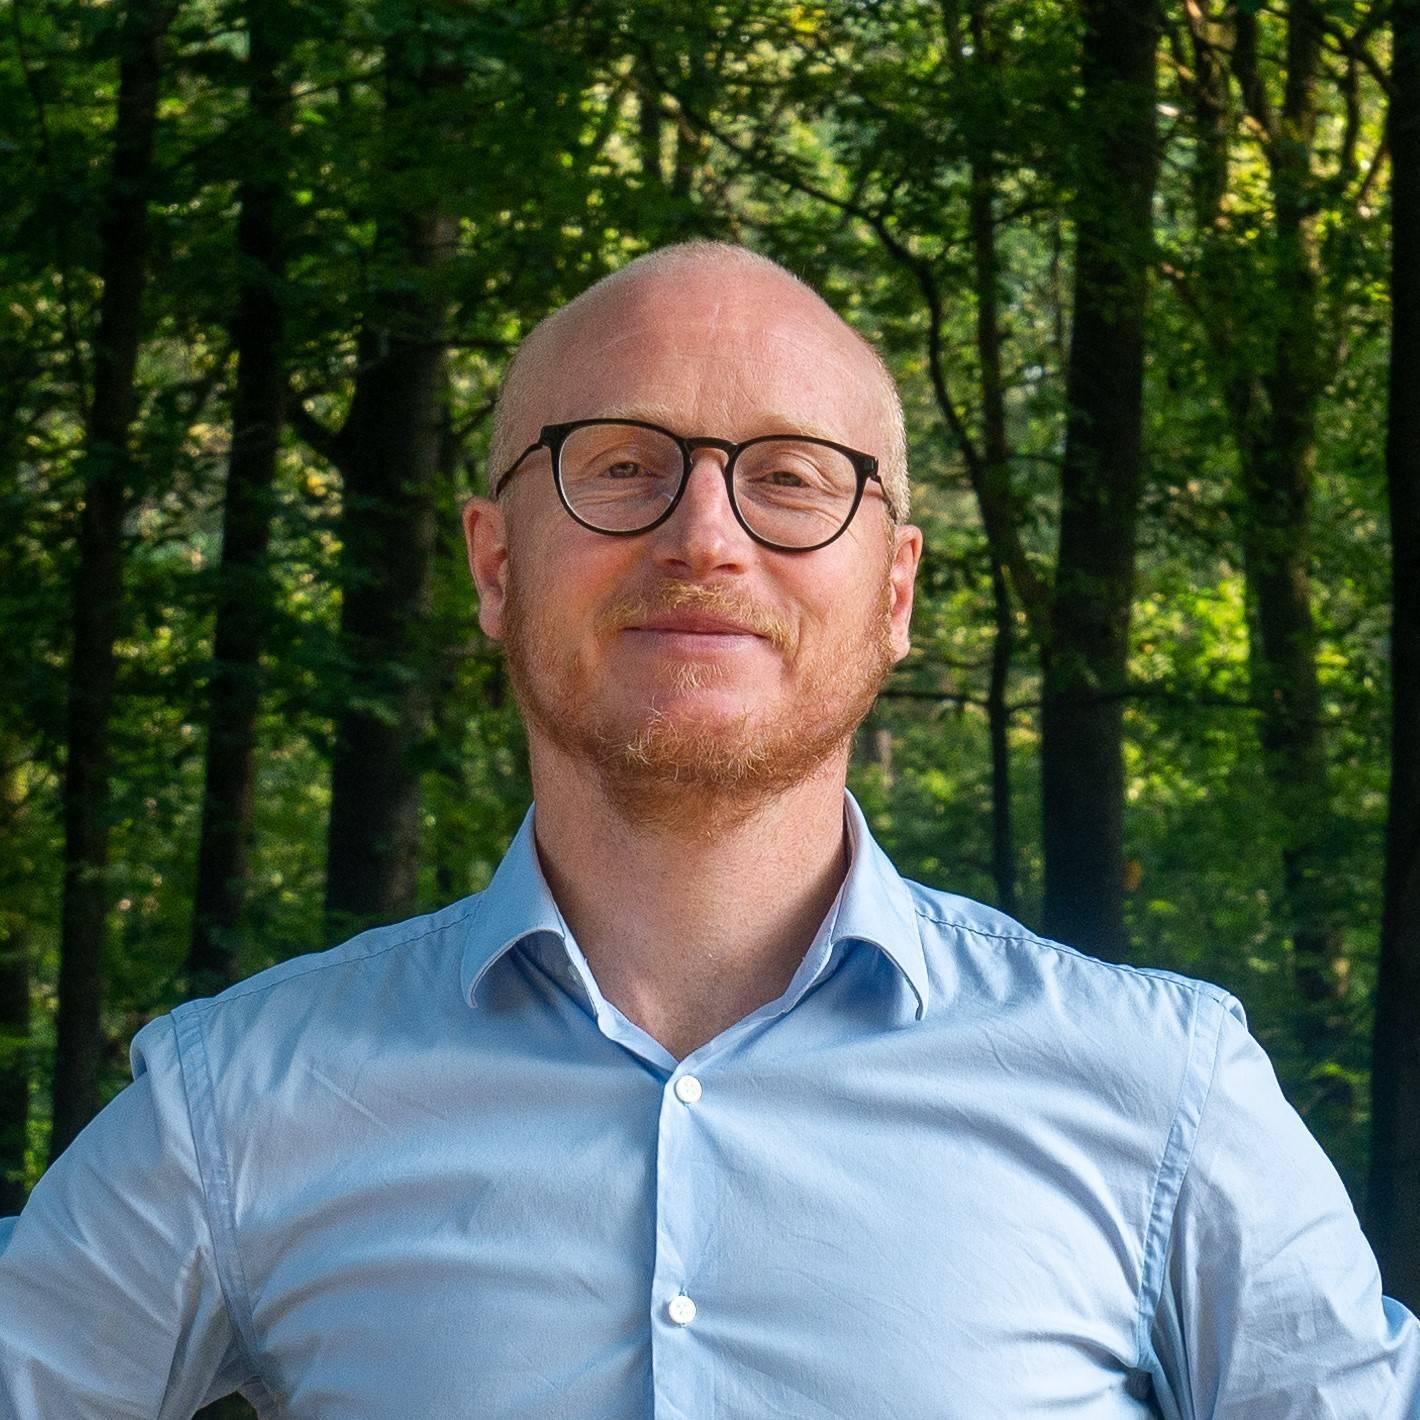 Thijs Nooijen